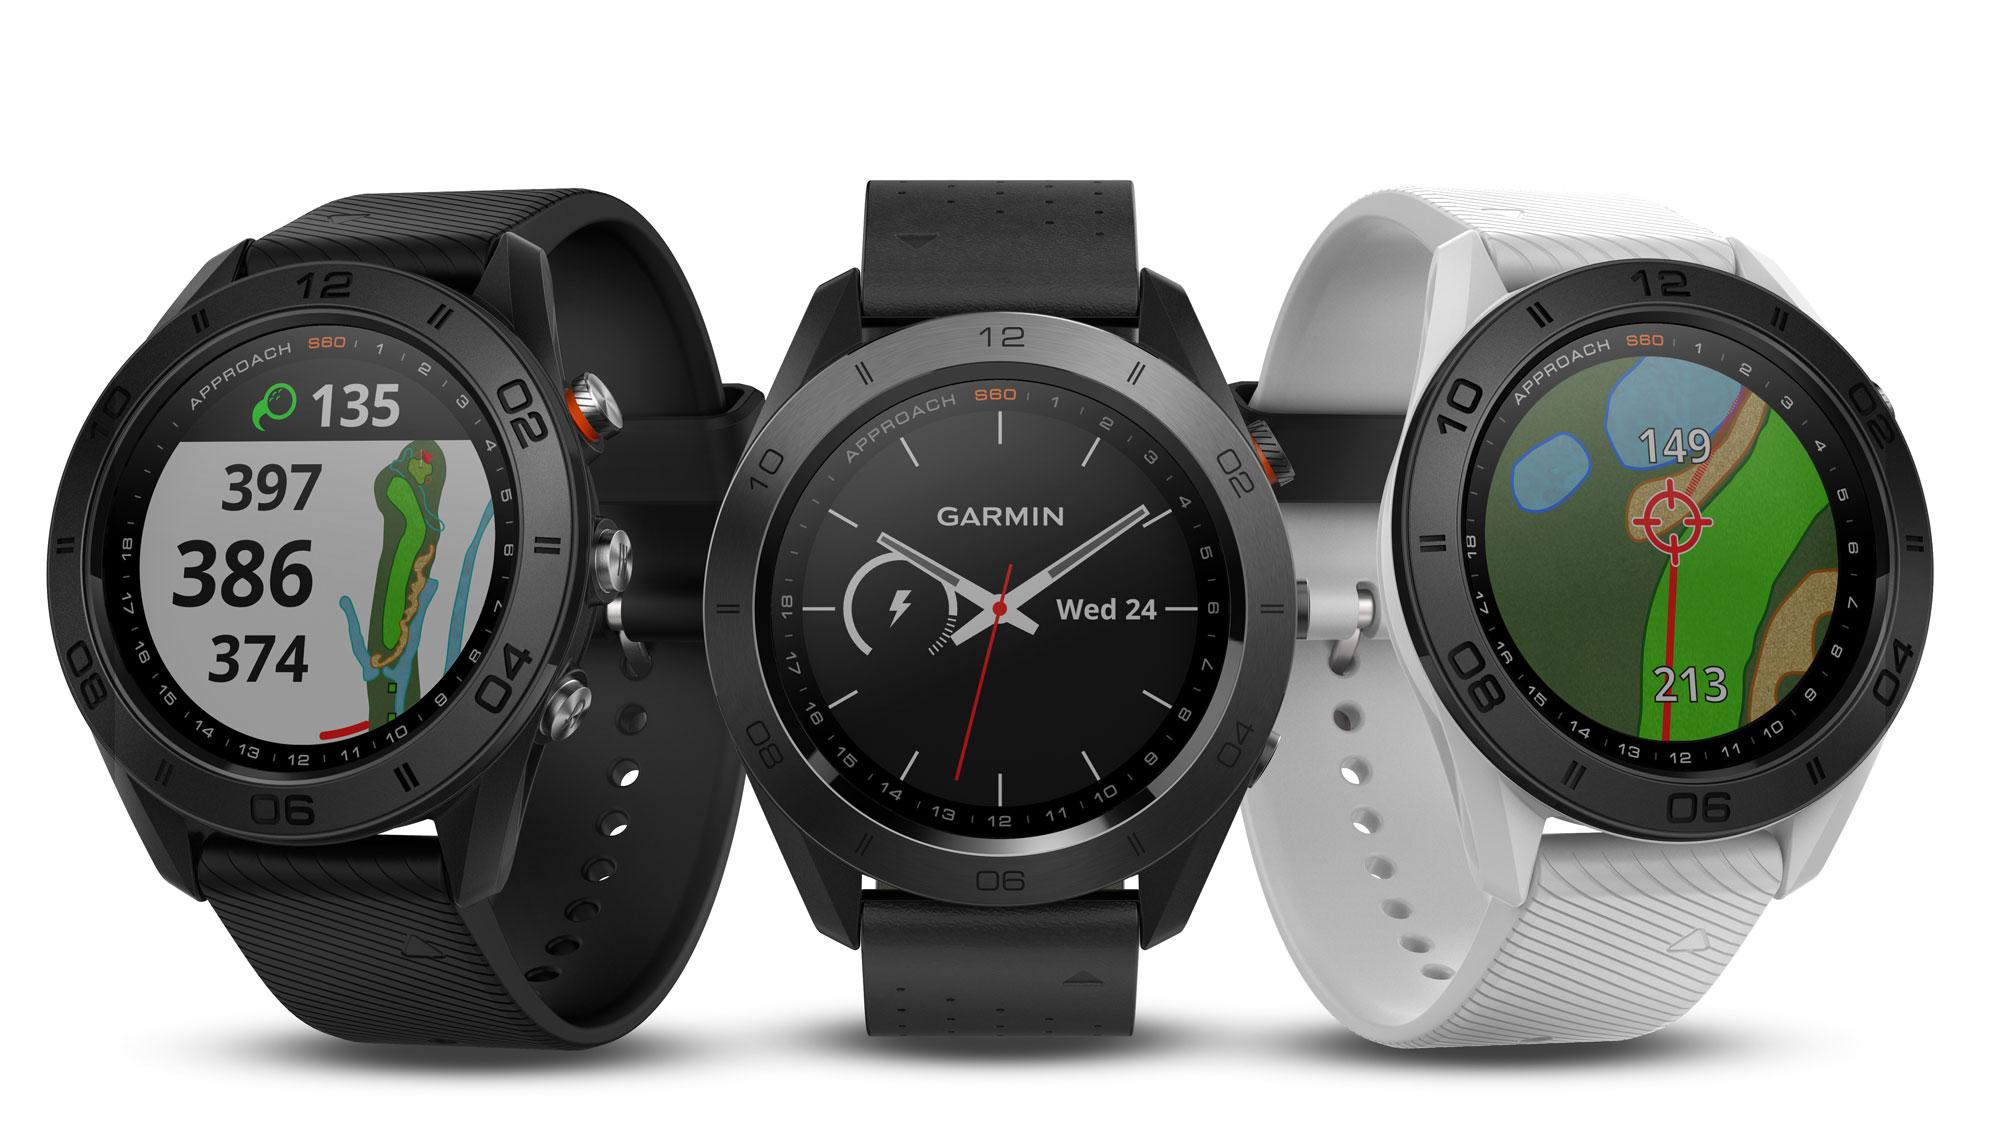 Garmin Approach S60 golf smartwatch